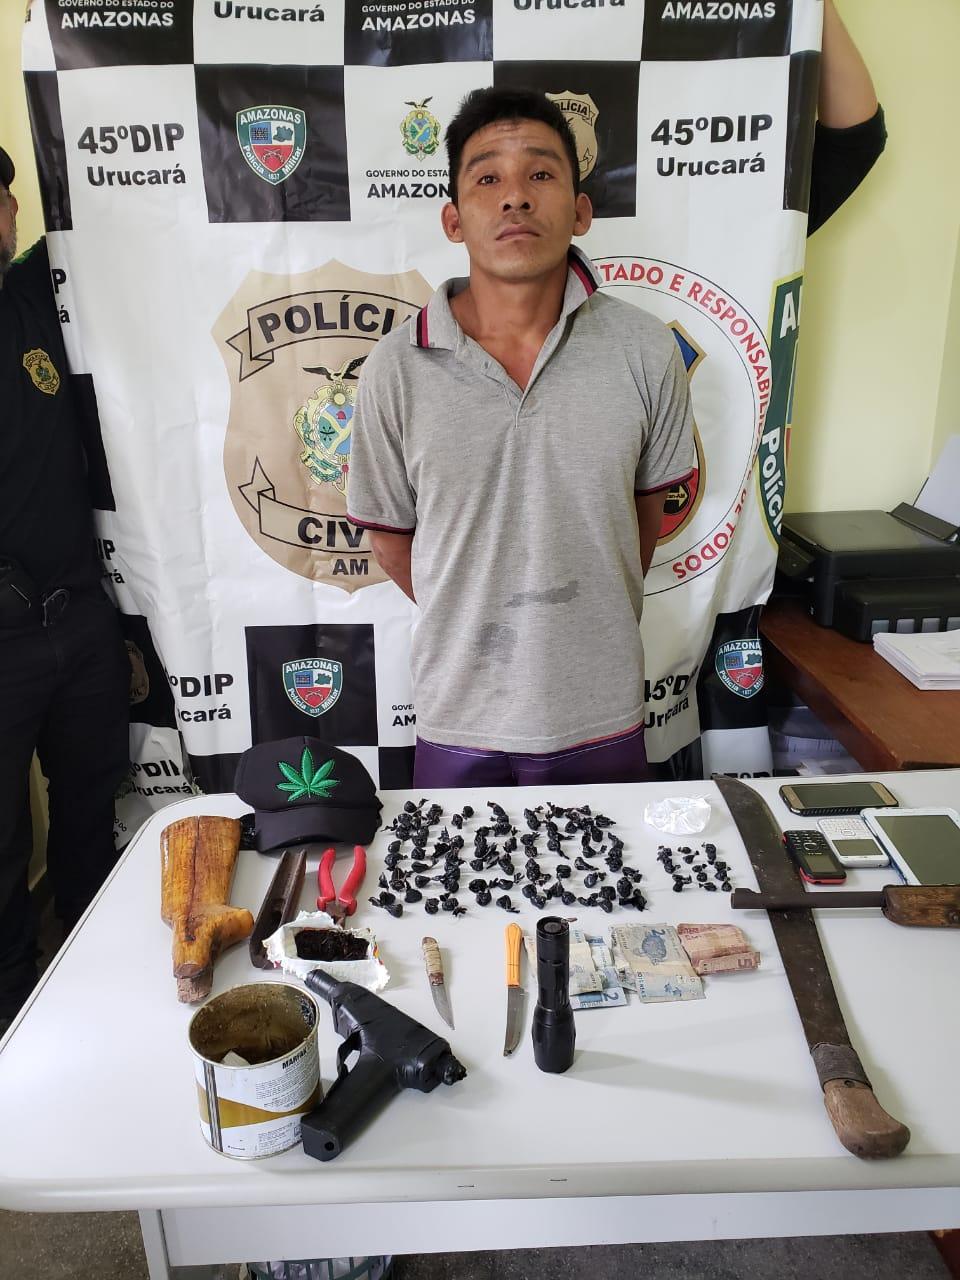 Polícia Civil prende homem com arma de fogo e drogas durante operação em Urucará